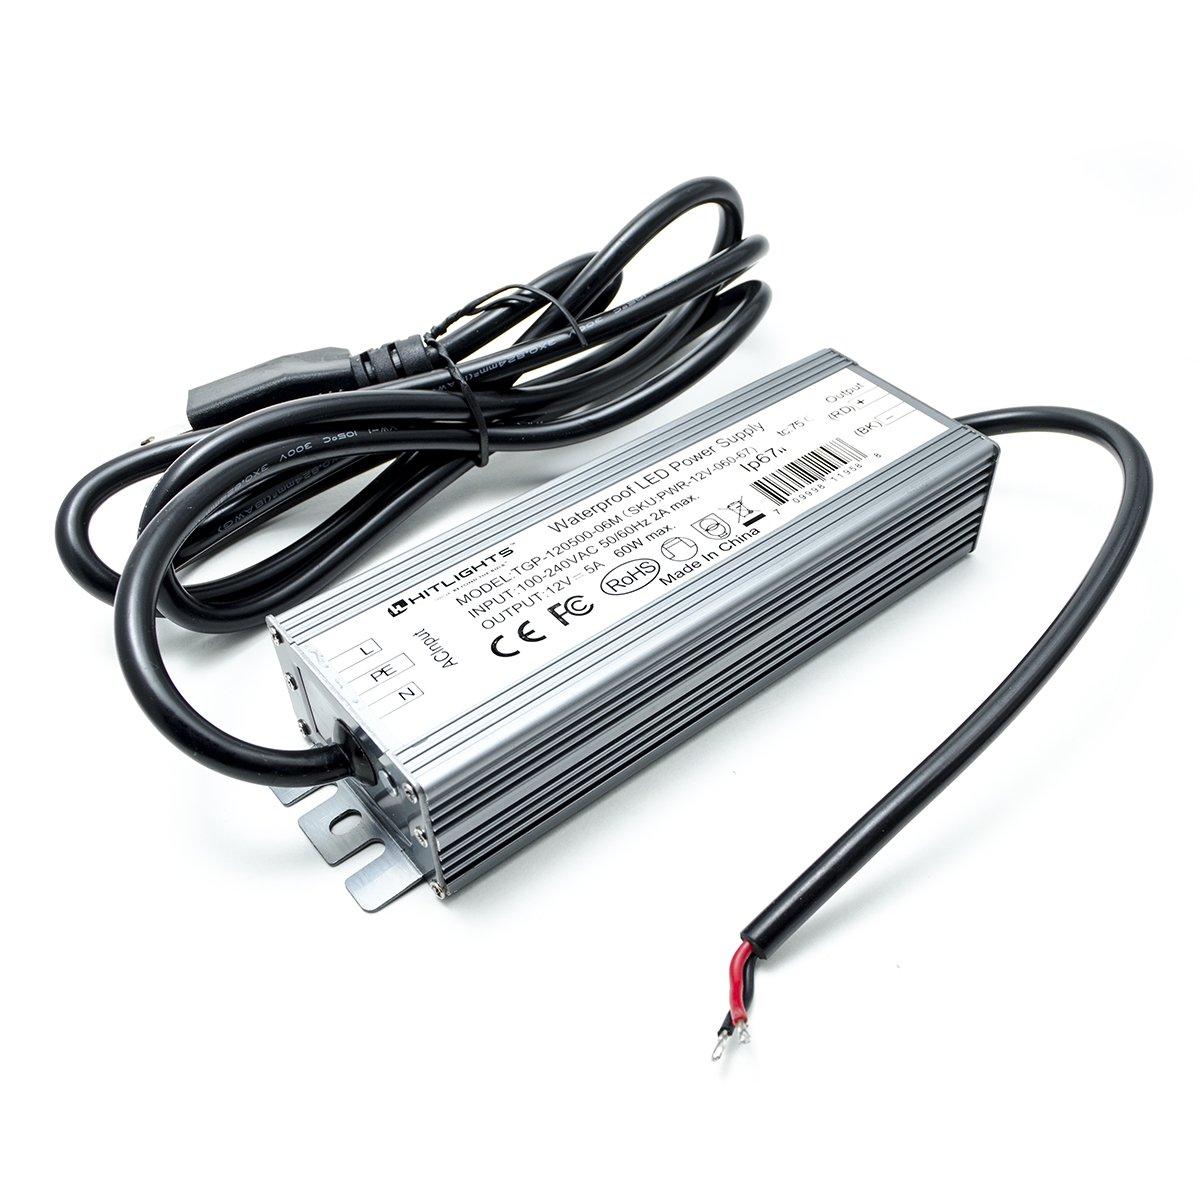 Hitlights 60 Watt LED Light Strip Power Supply, Waterproof - 5 Amps, 110V AC - 12V DC Transformer/Driver